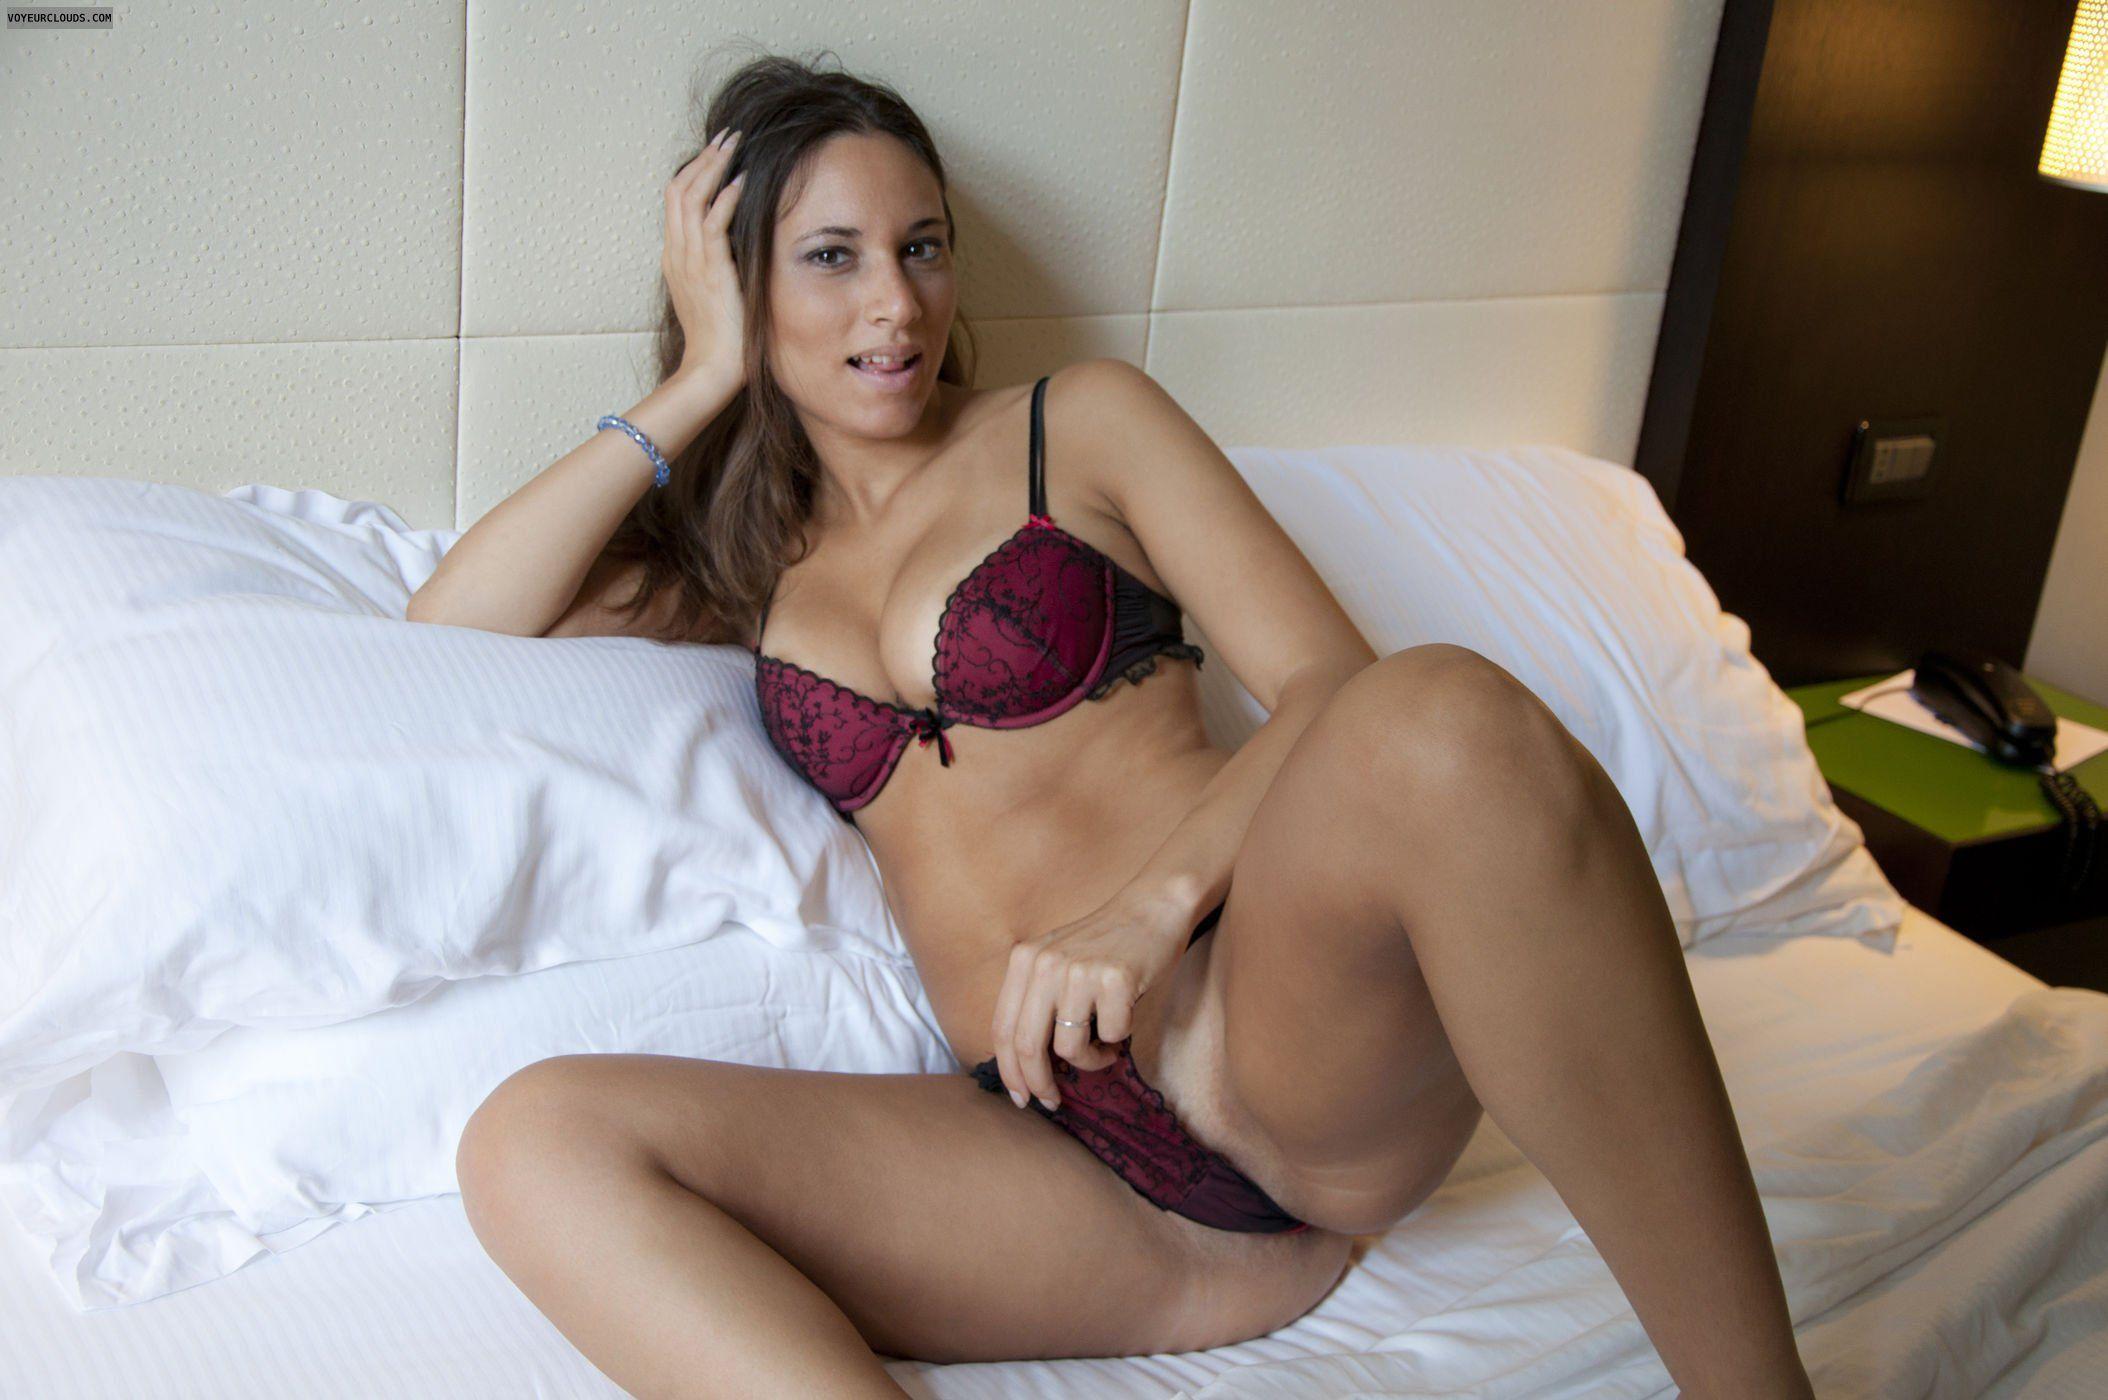 Girl next door porn galleries